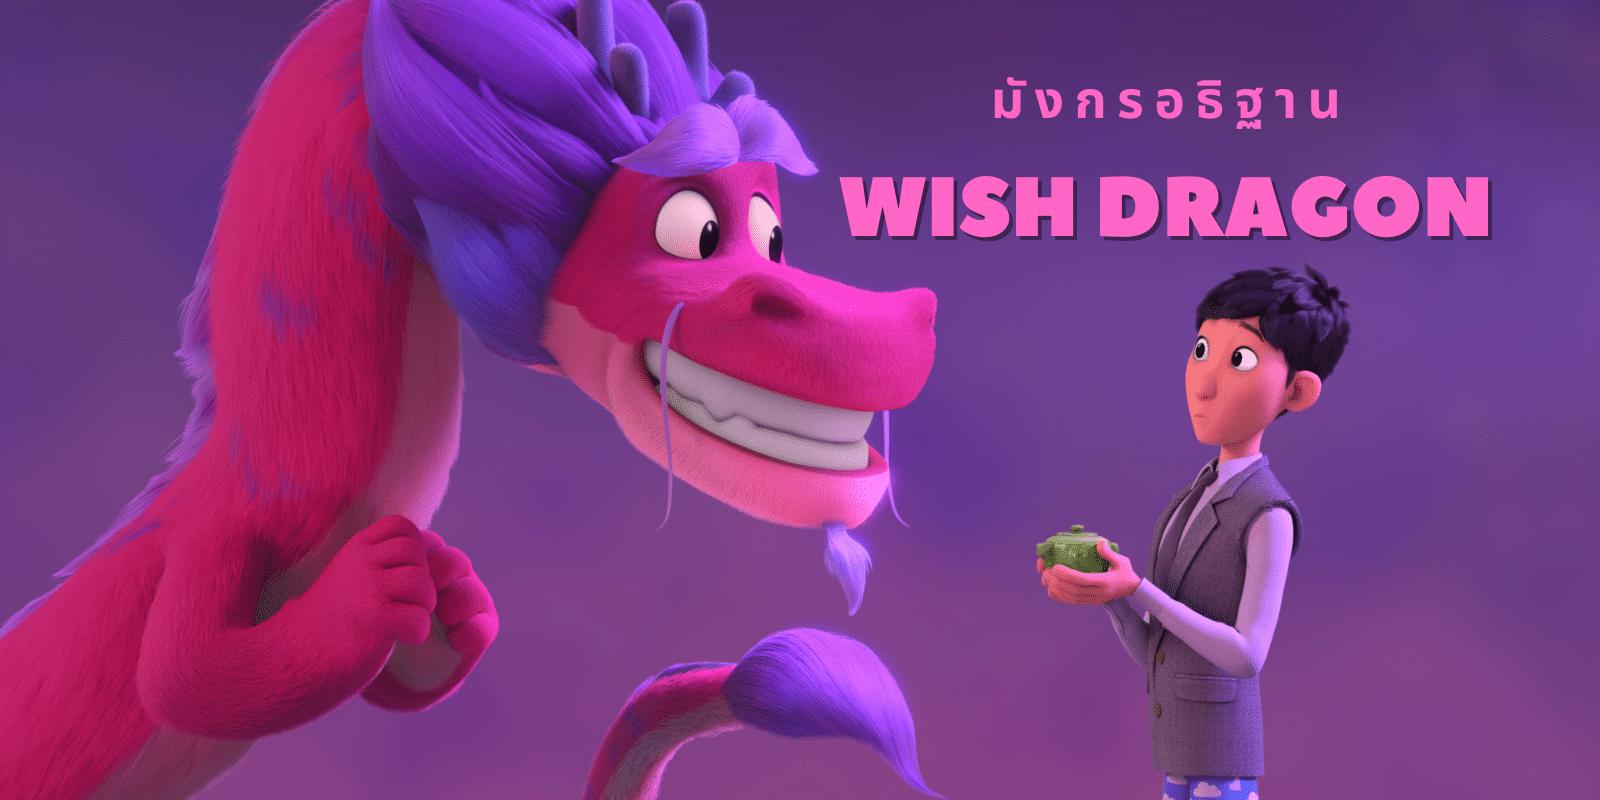 รีวิวหนัง Wish Dragon มังกรอธิษฐาน